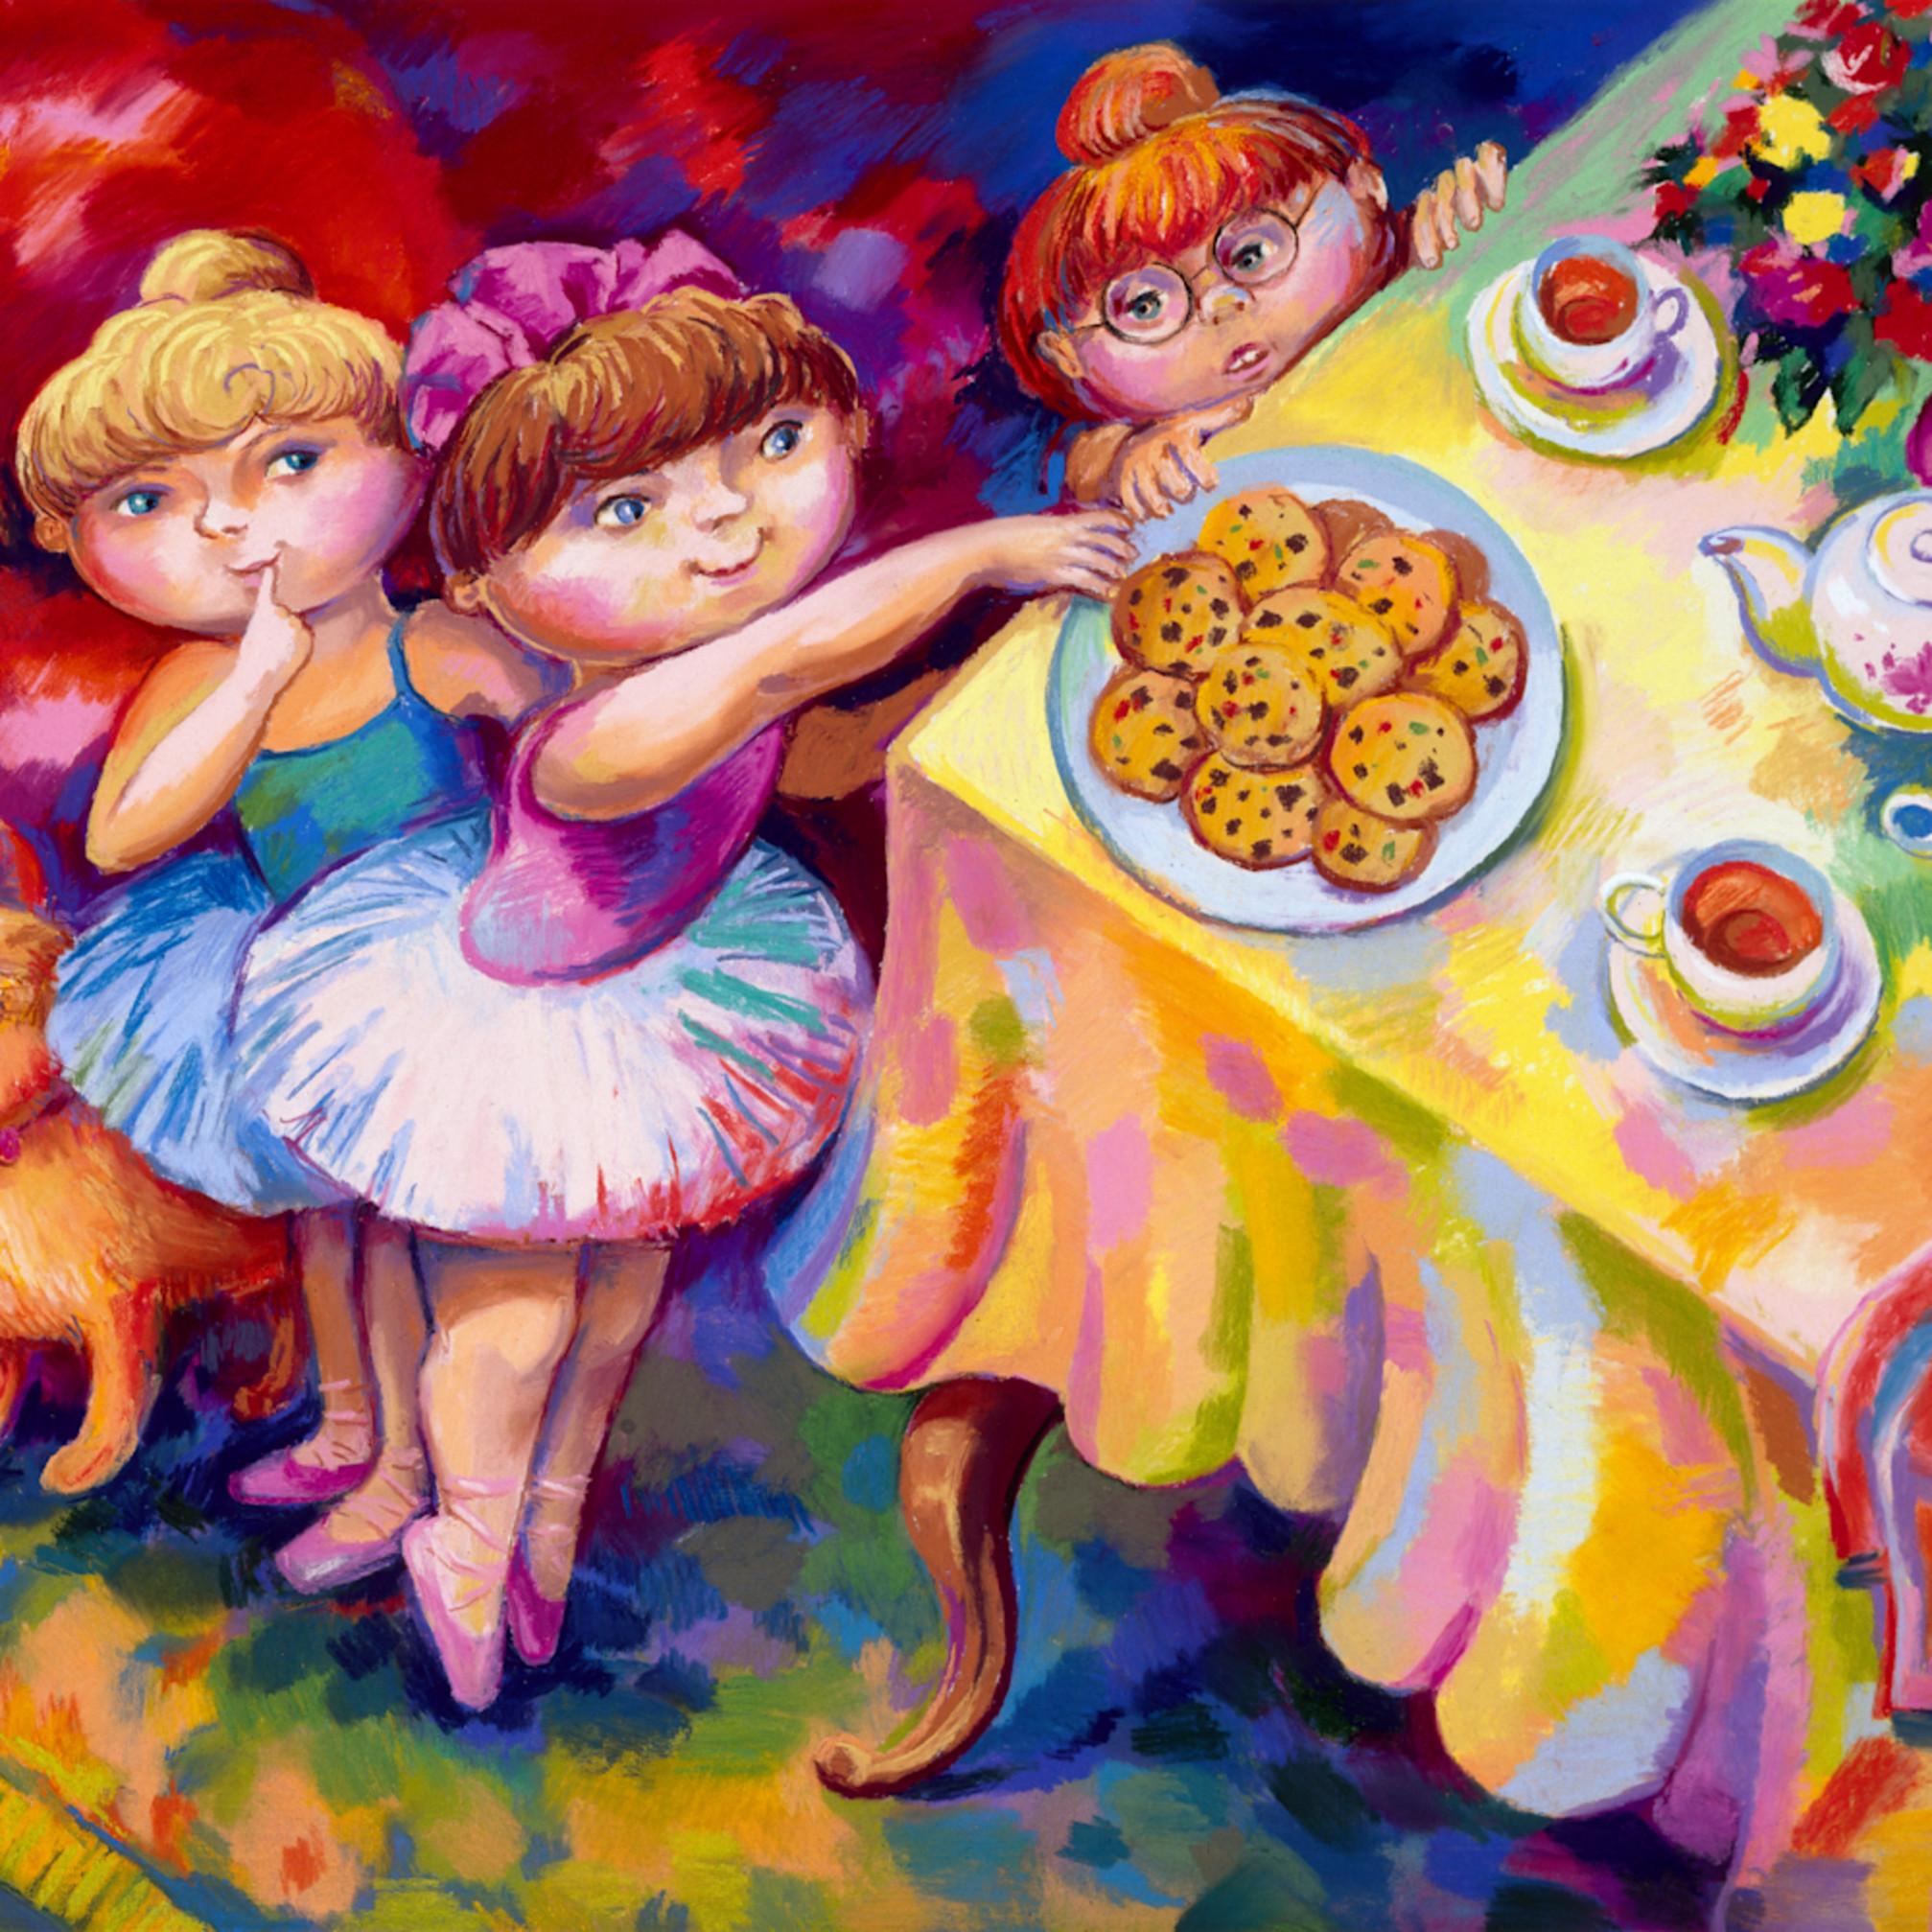 Stealing cookies lyubabogan pastel pqcmtn